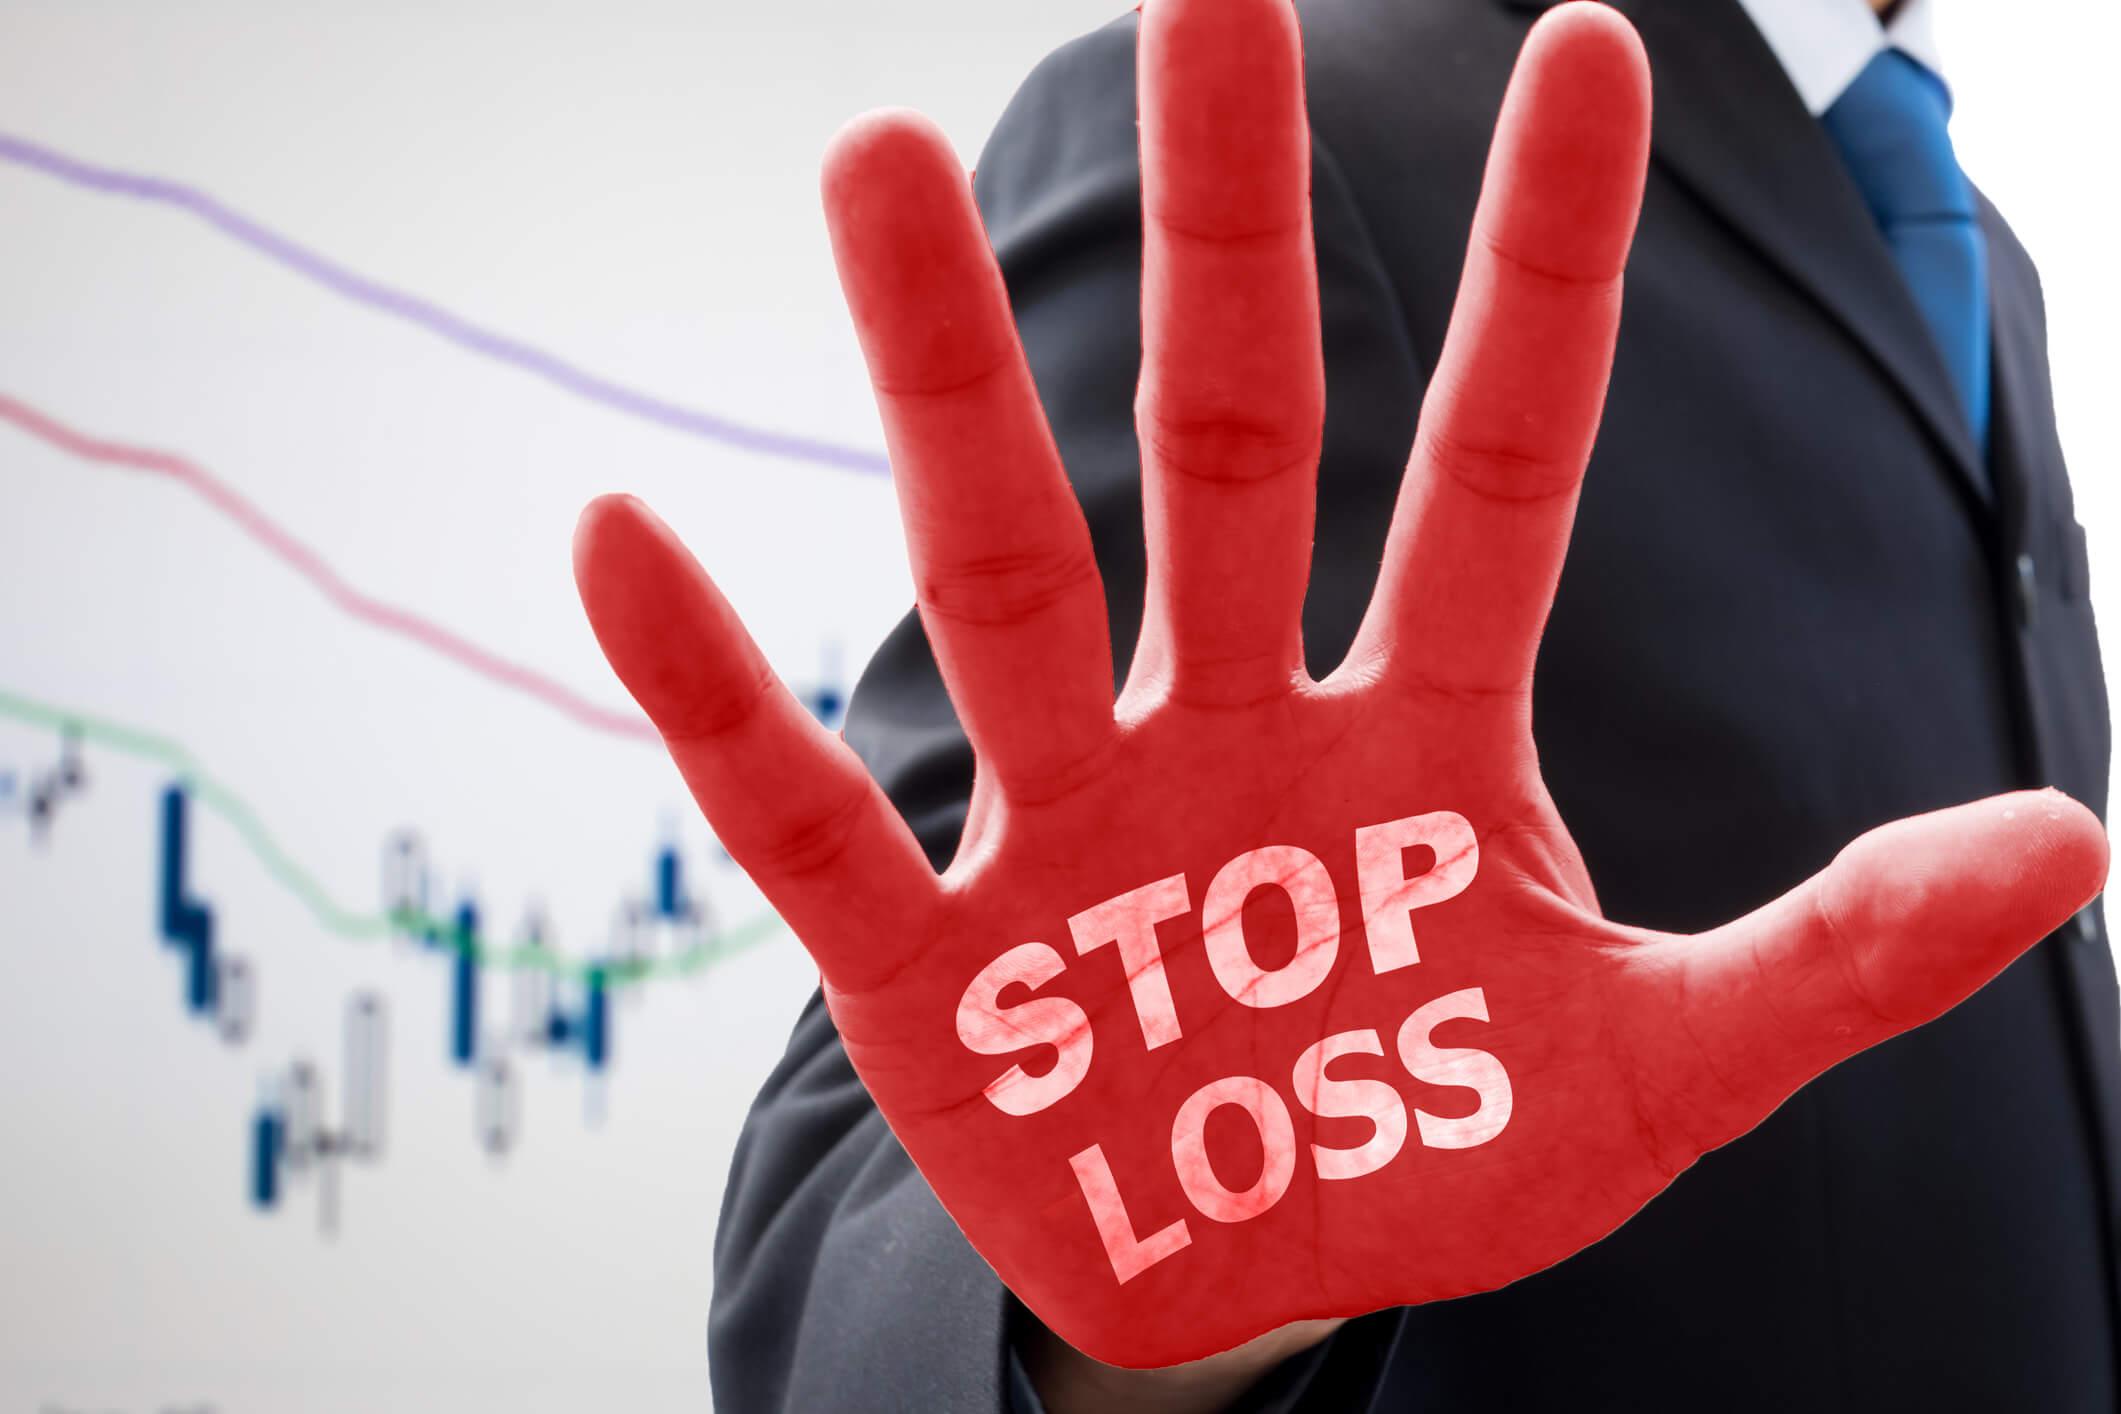 Stop Loss (Stop-Limit) Nedir Stop Loss (Zarar Durdurma) Nasıl Kullanılır